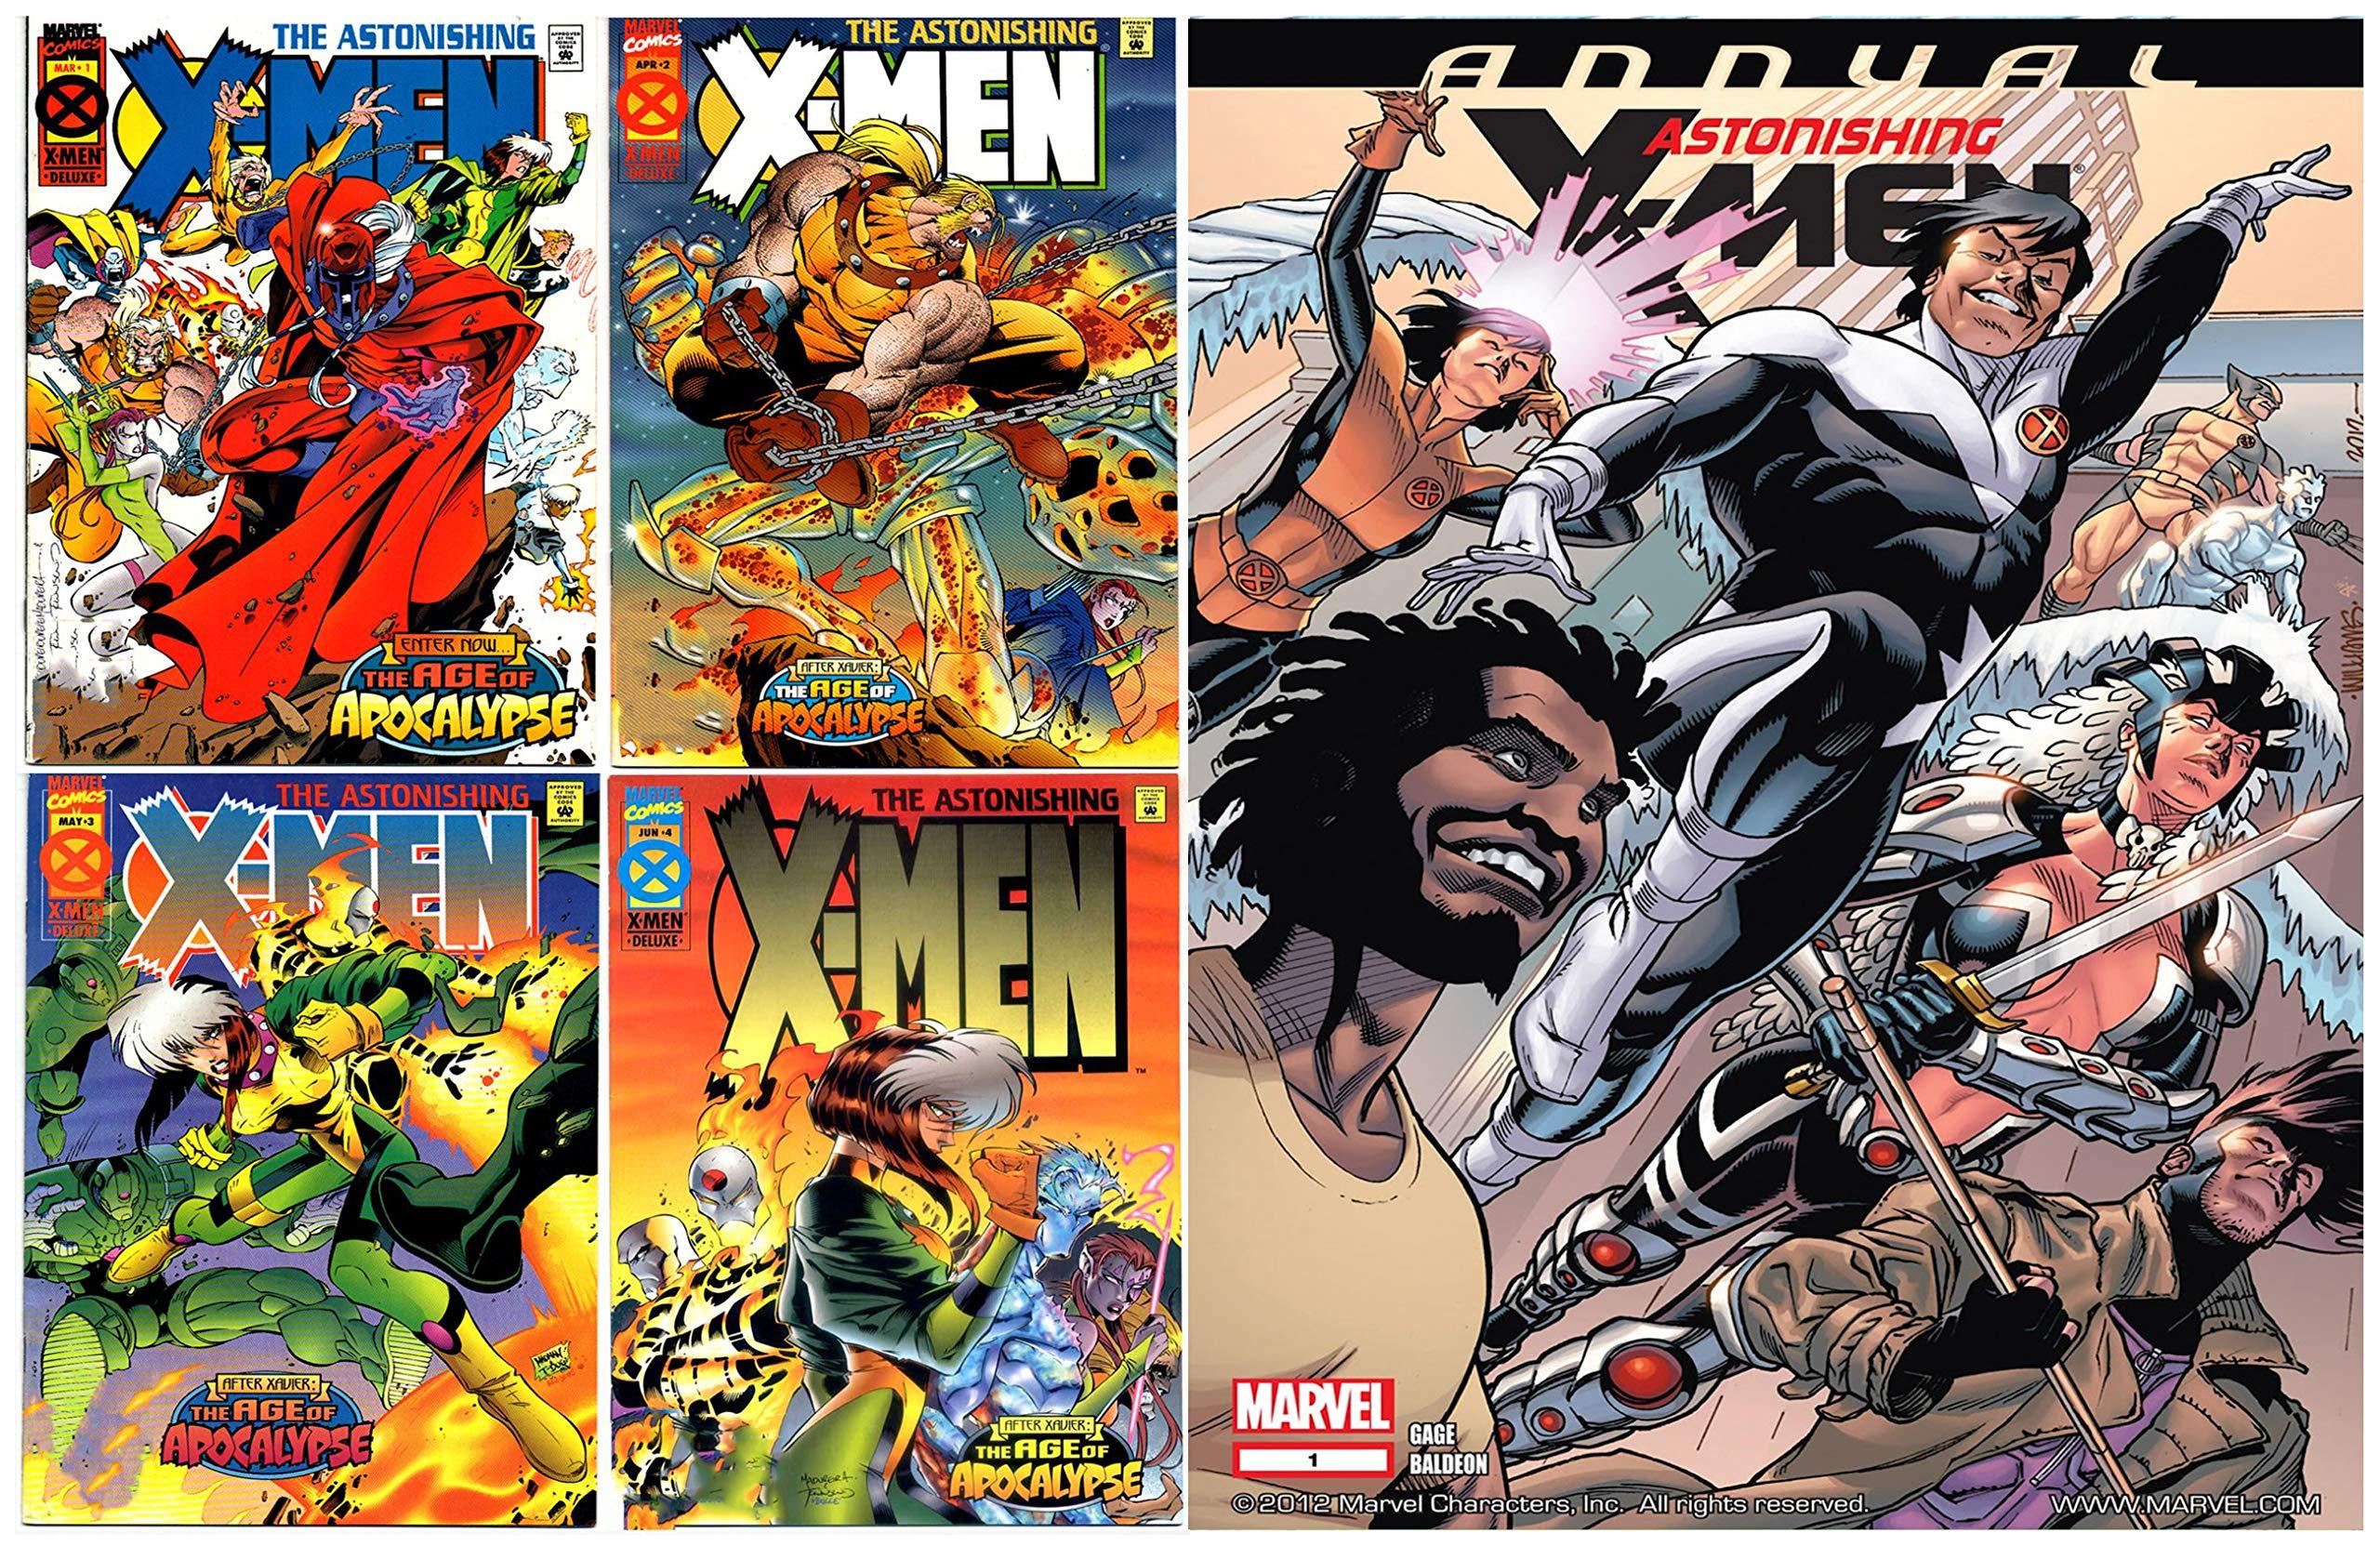 Astonishing X-Men (2004) Full Series: Annual 1